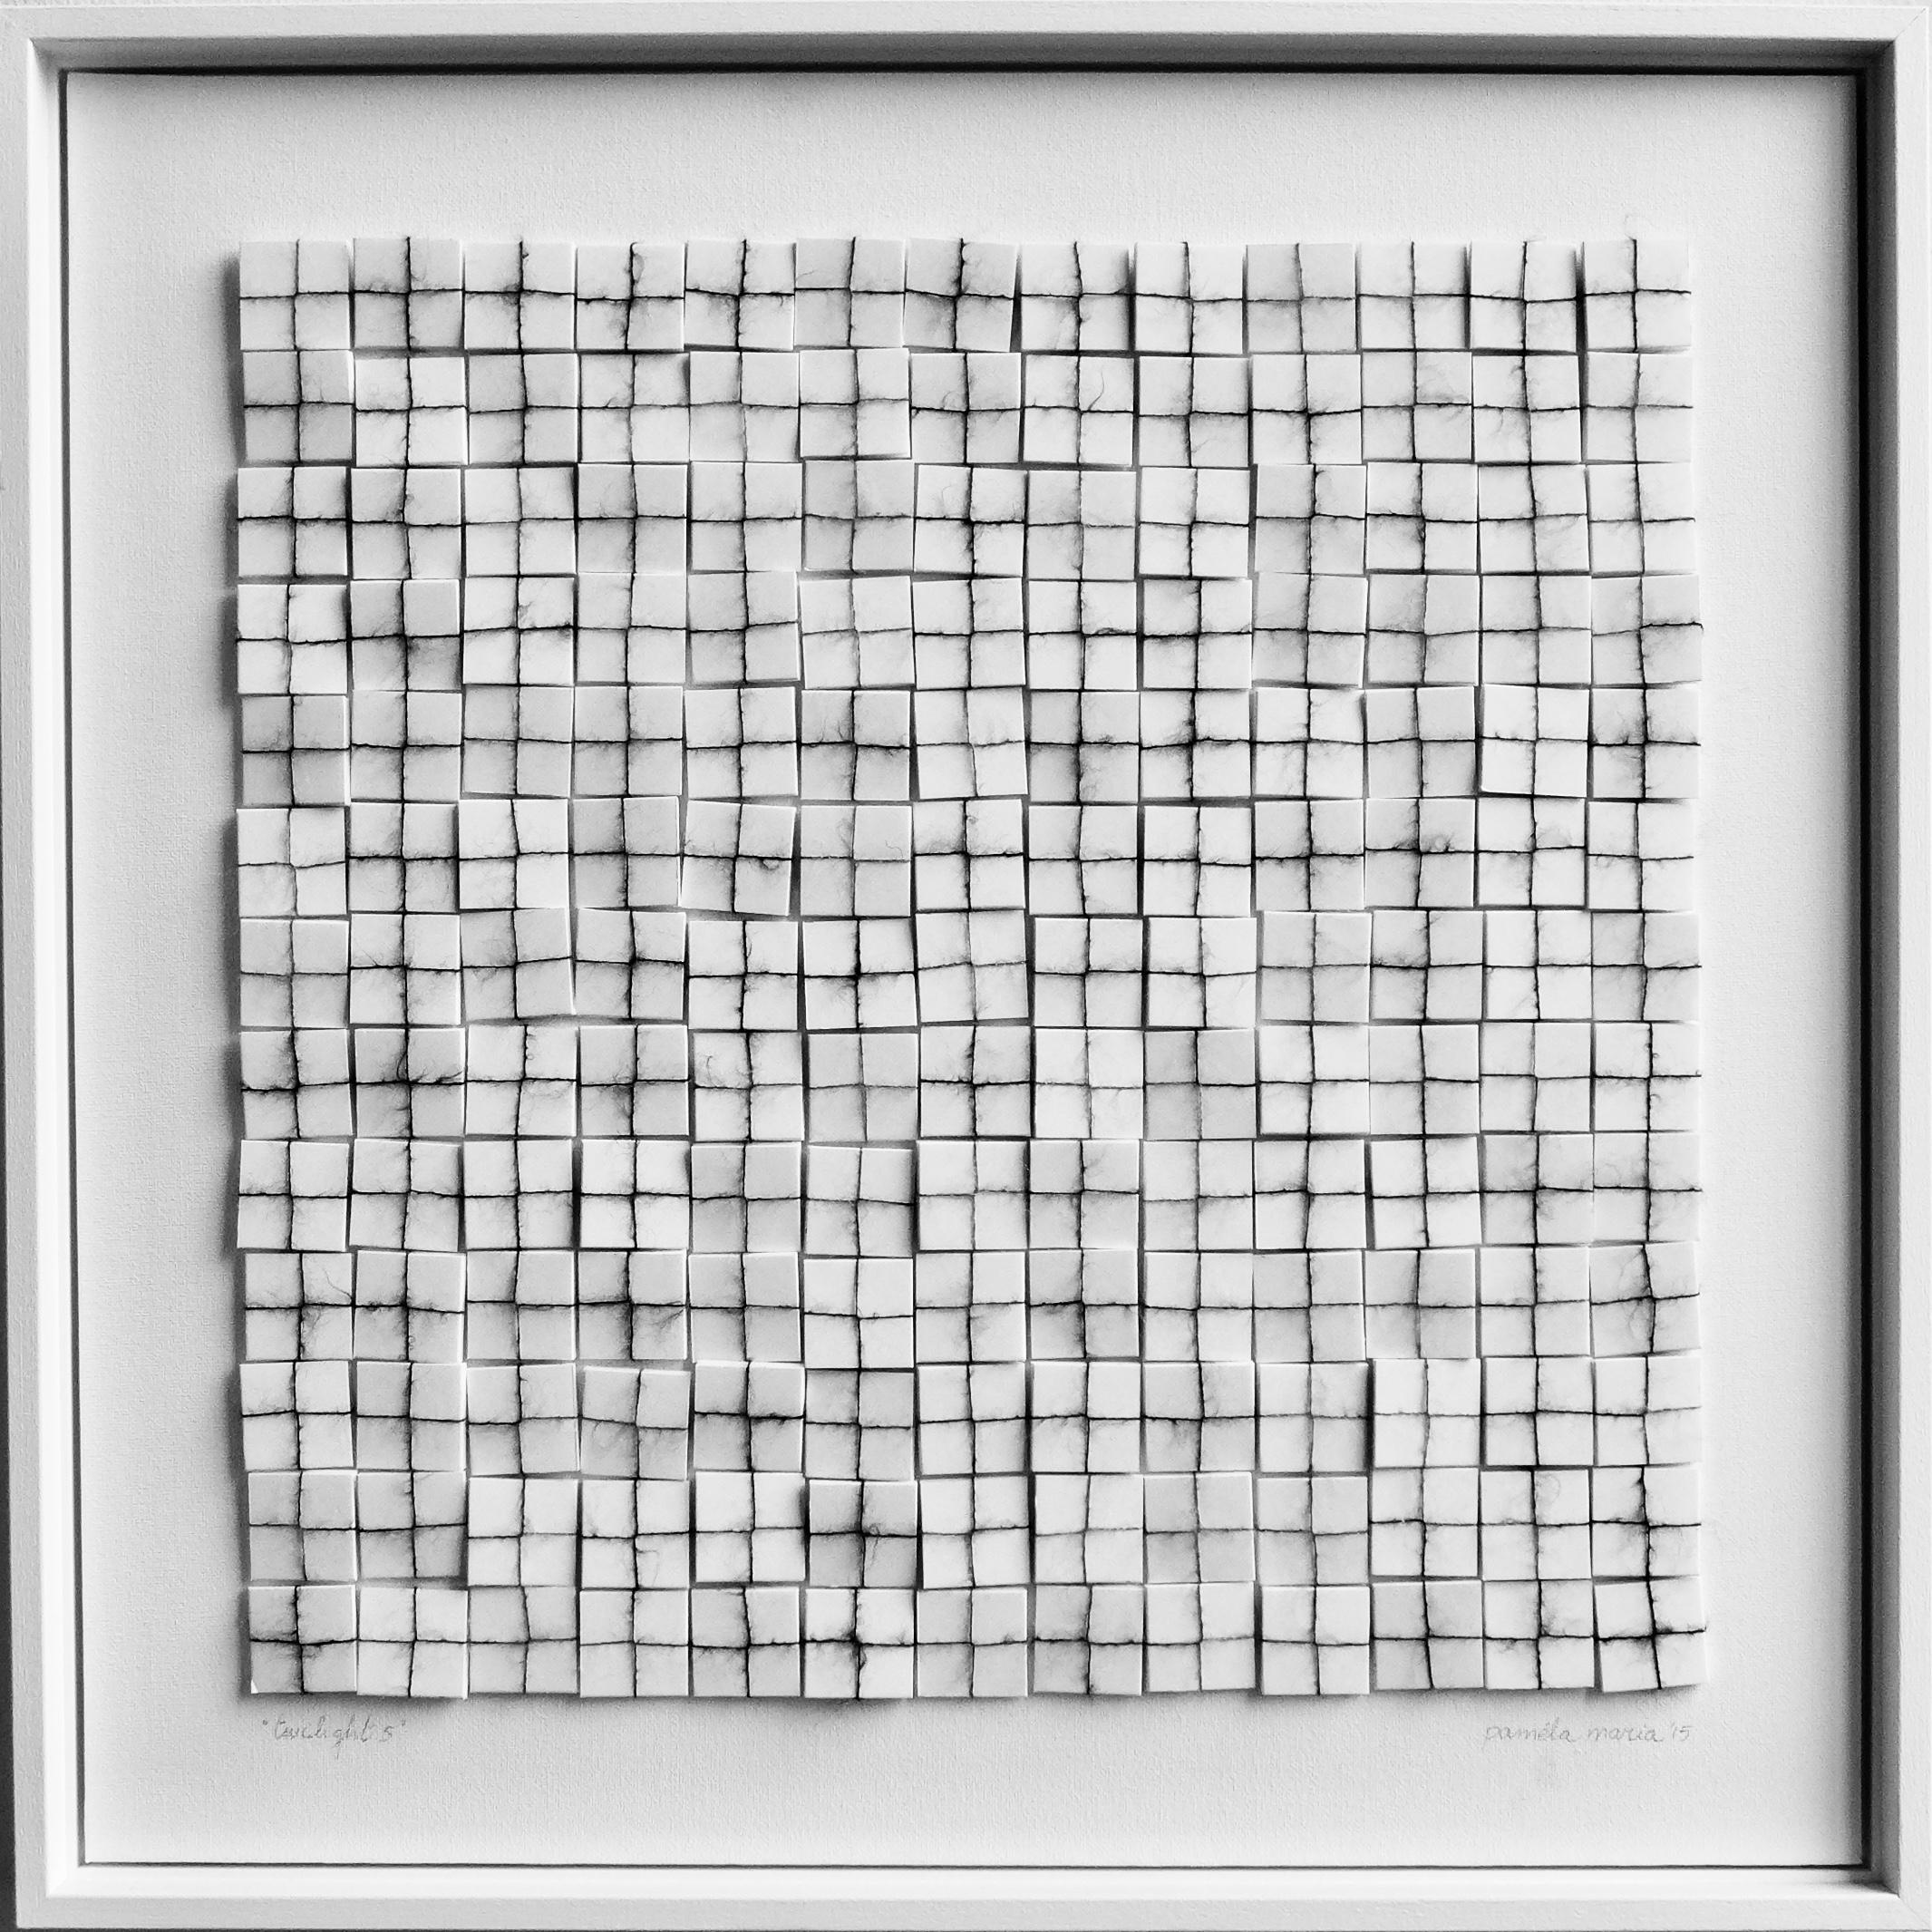 2015, 50x50cm, wit houten lijst, foam met grijsgemeleerd mohair, lijm, canvas